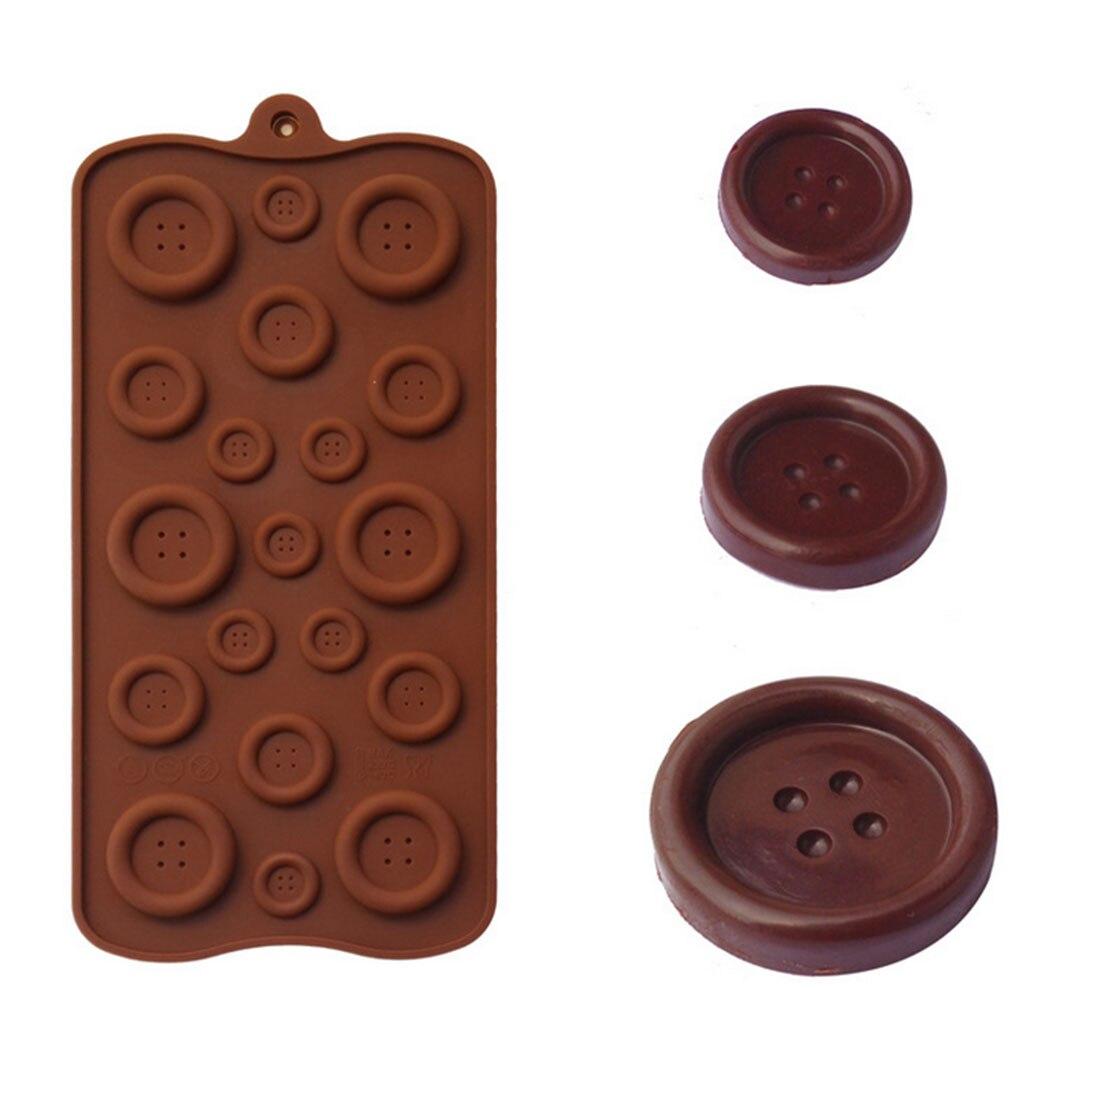 Силиконовая форма для желе для мыла, форма для шоколада, DIY Инструменты для украшения выпечки, торта, кухонные аксессуары для выпечки